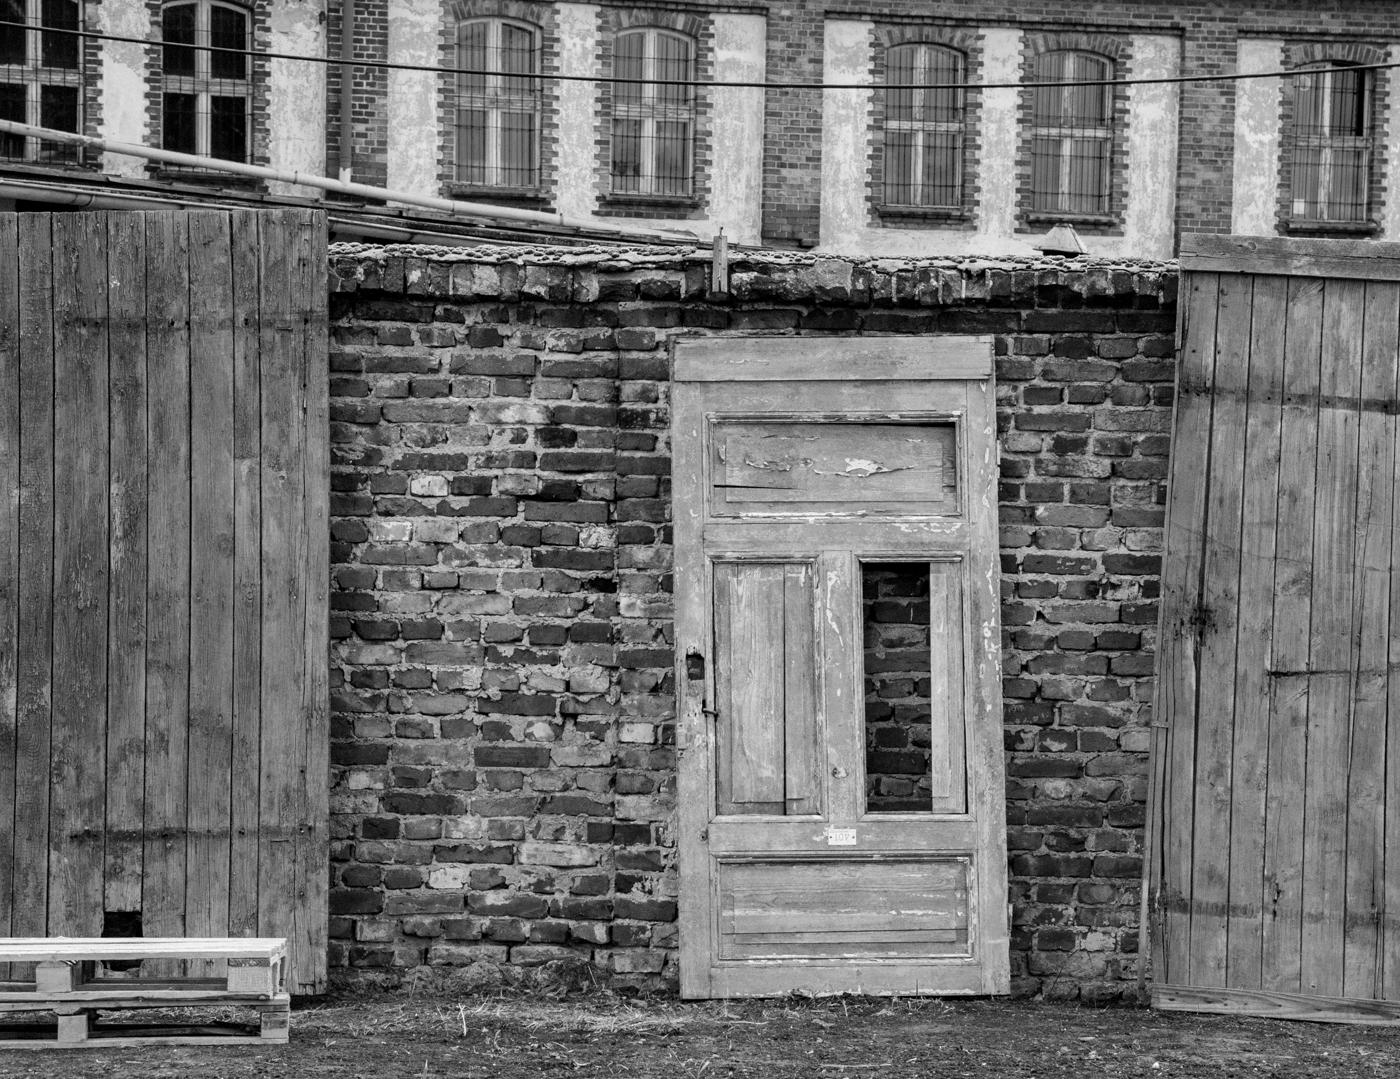 Nie wiem dlaczego, ale bardzo lubię drzwi, cegły, okna. Tutaj to wszystko mam.